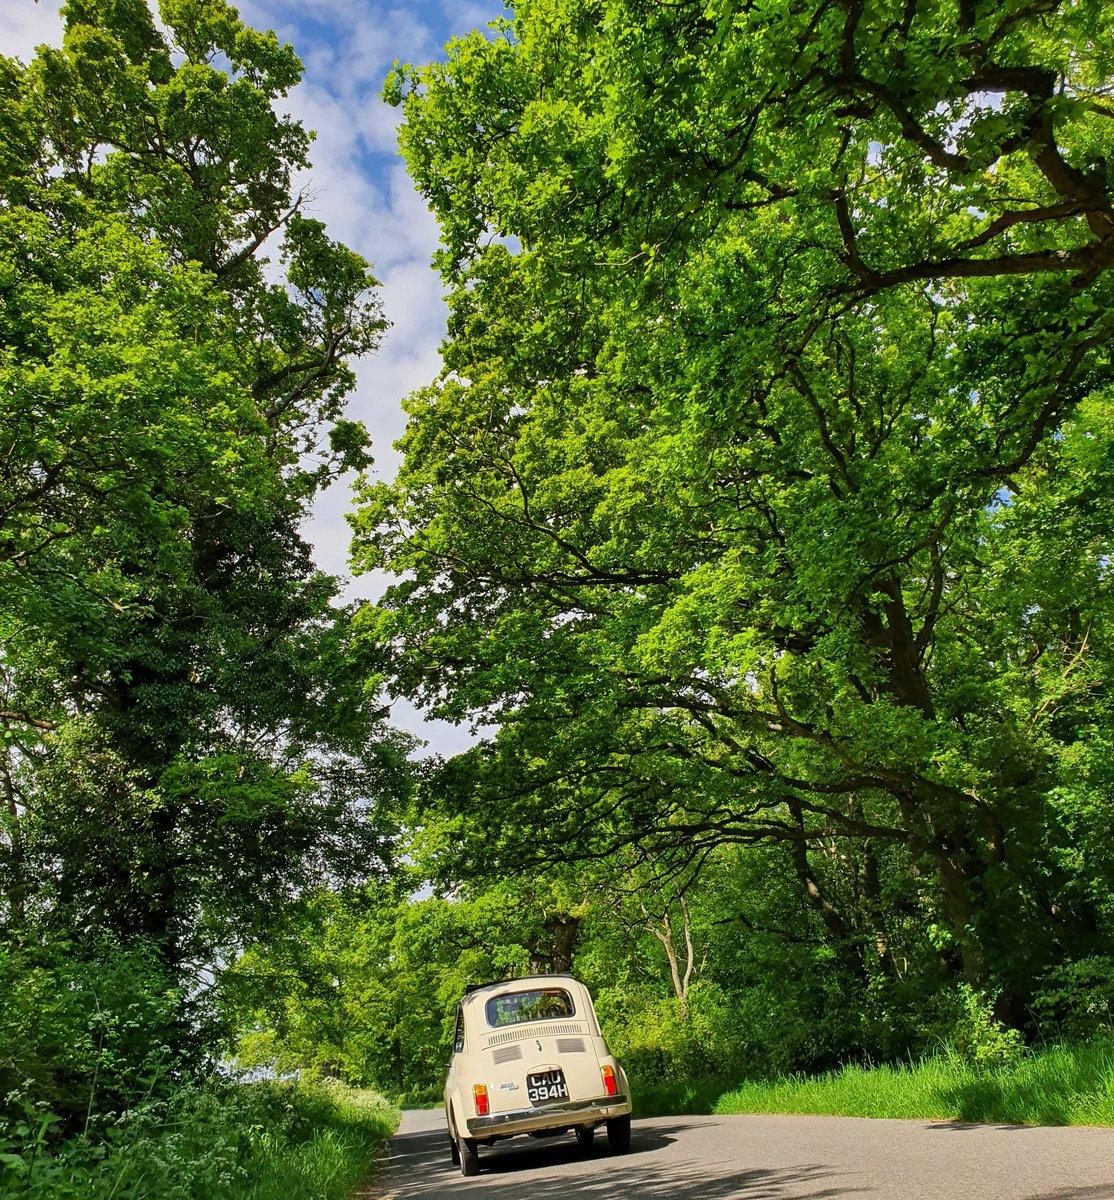 Small car, big trees 🌲🌳  #fiat500 https://t.co/MMrE7TobR8